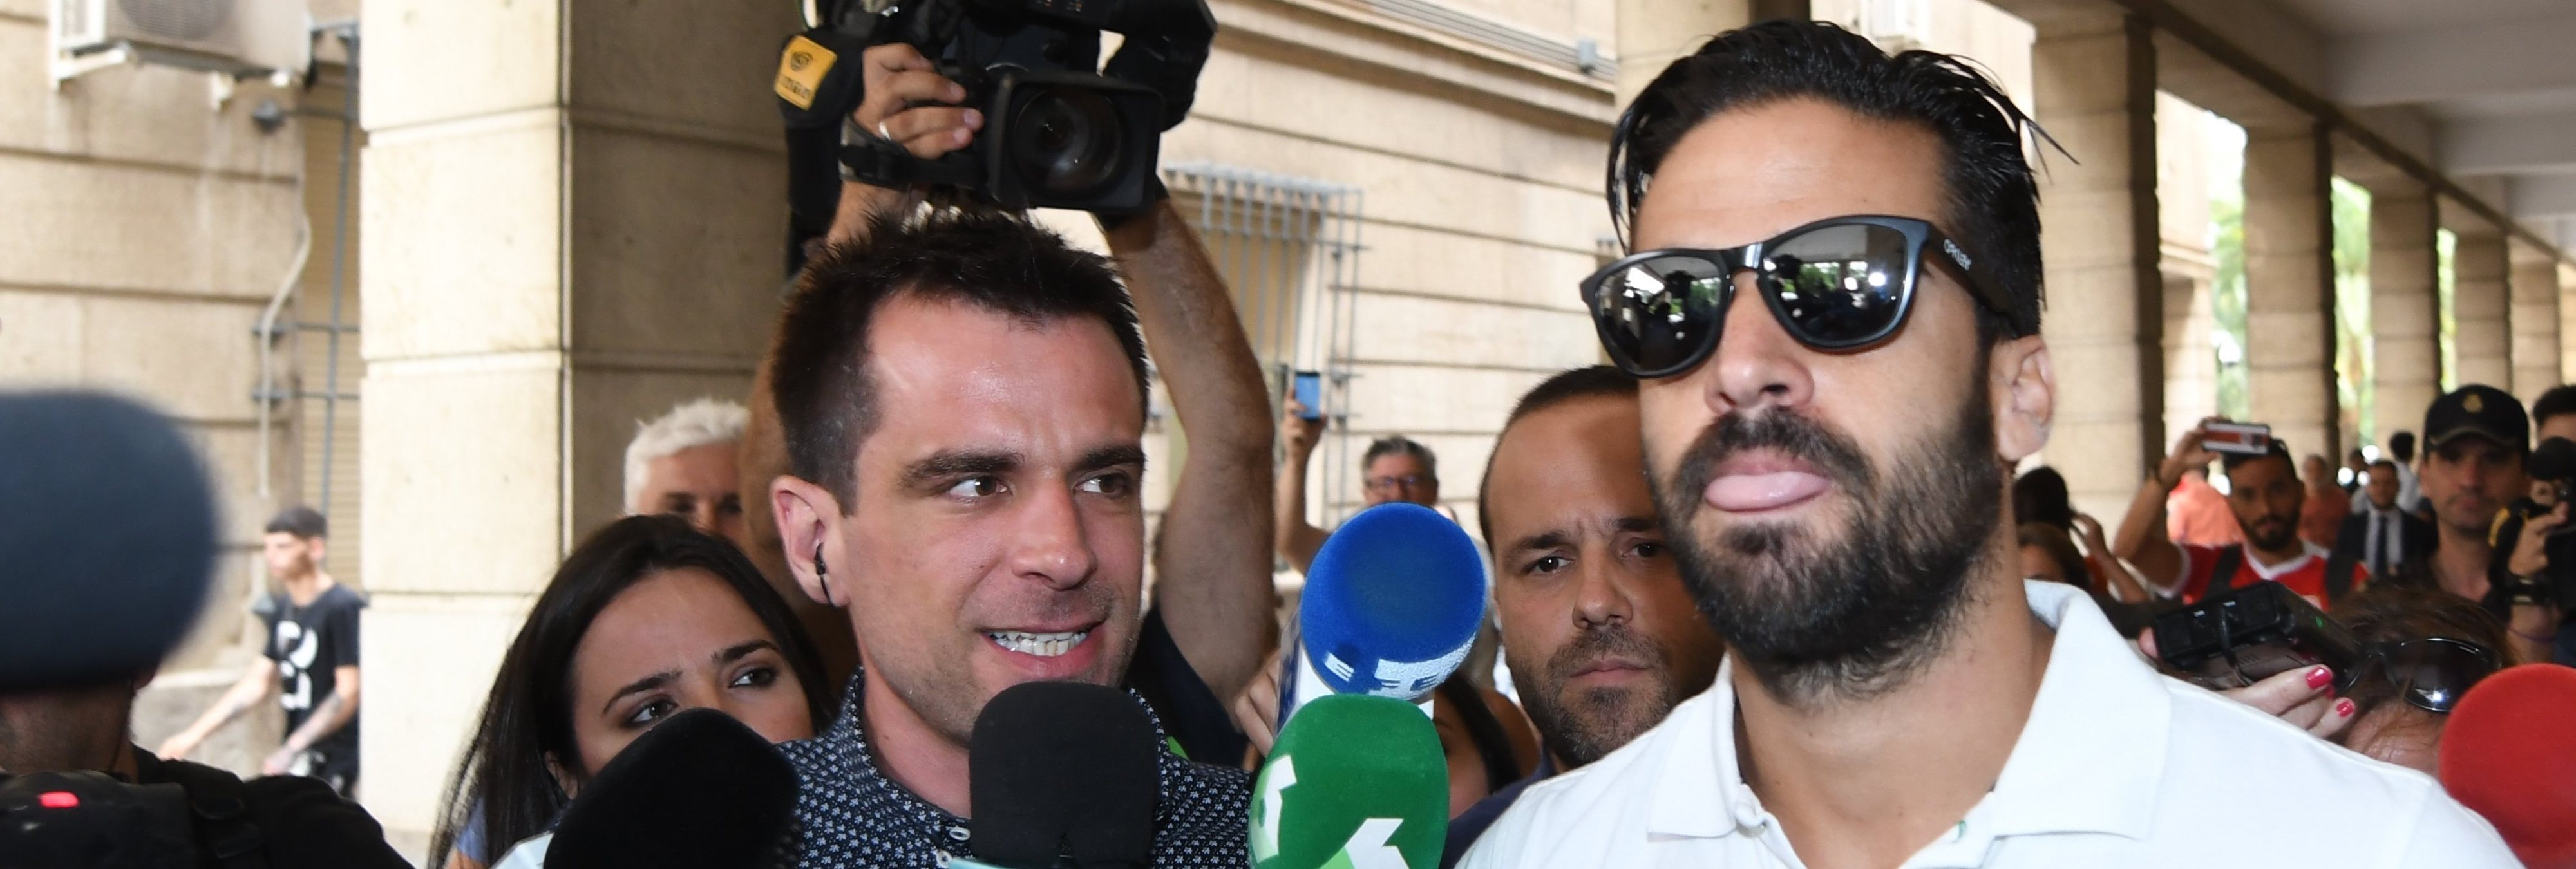 El guardia civil de 'La Manada' lleva 4 meses cobrando 1.200 euros sin acudir a su trabajo